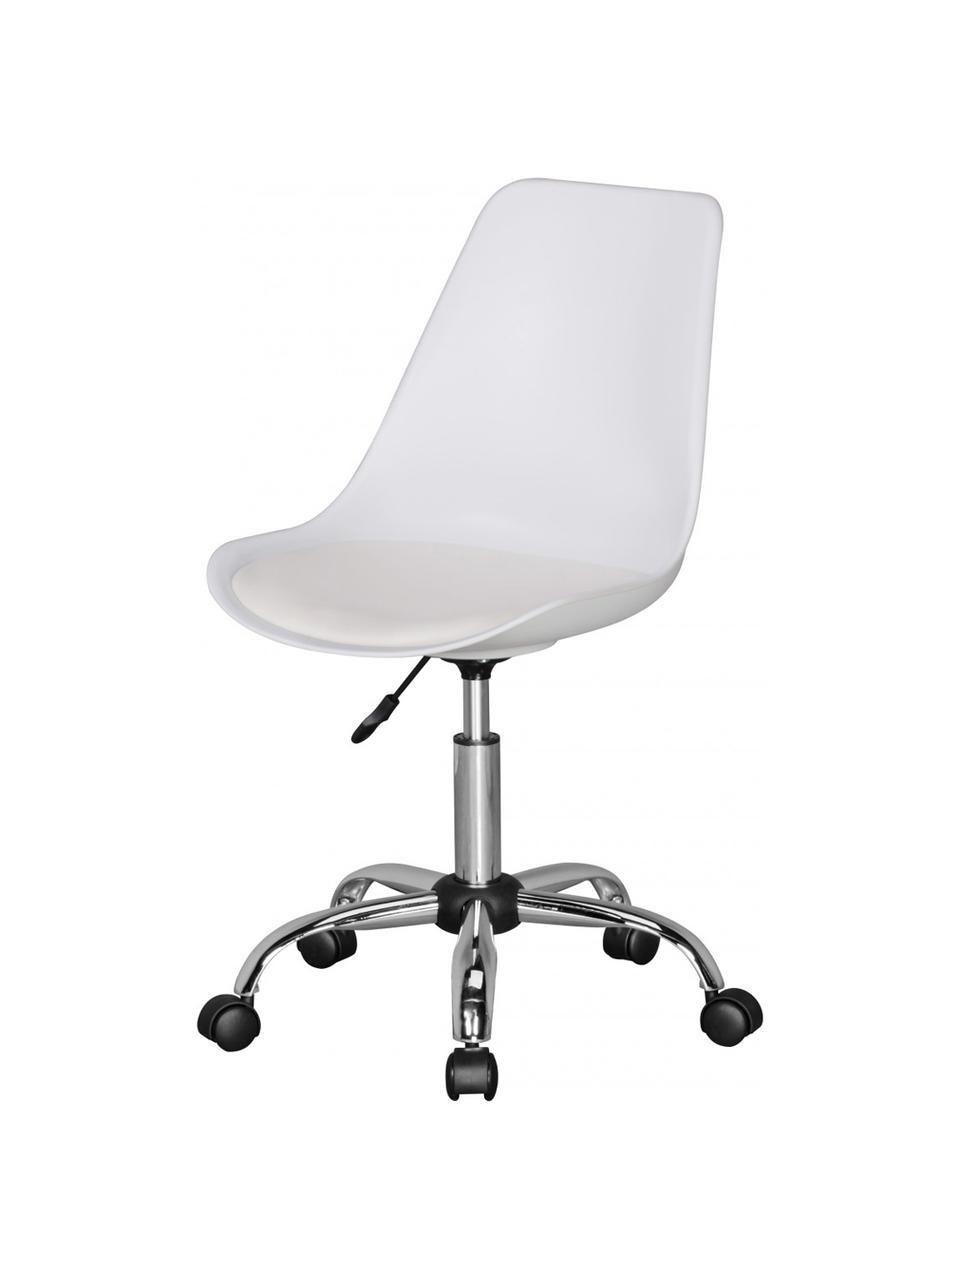 Bürodrehstuhl Korsika mit gepolstertem Sitz, Sitzfläche: Kunstleder, Gestell: Metall, verchromt, Rollen: Kunststoff, Weiß, Chrom, B 47 x T 46 cm